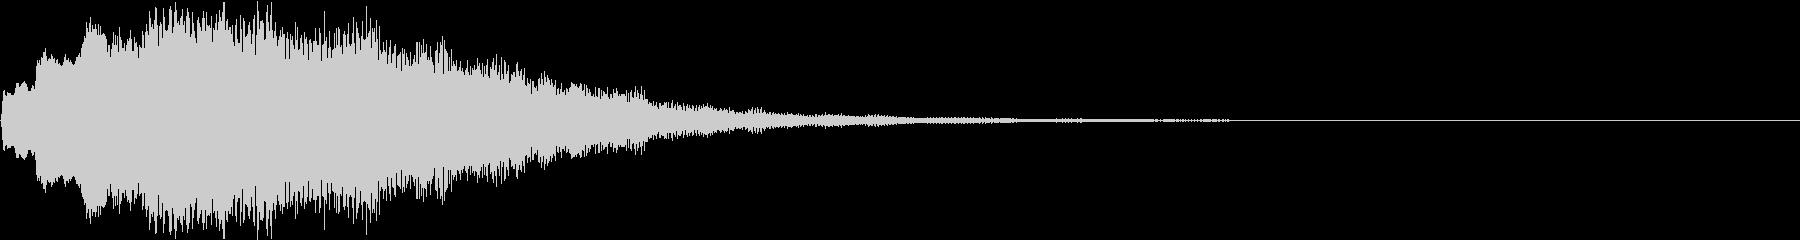 クリスマス ジングルベル キラキラ 01の未再生の波形